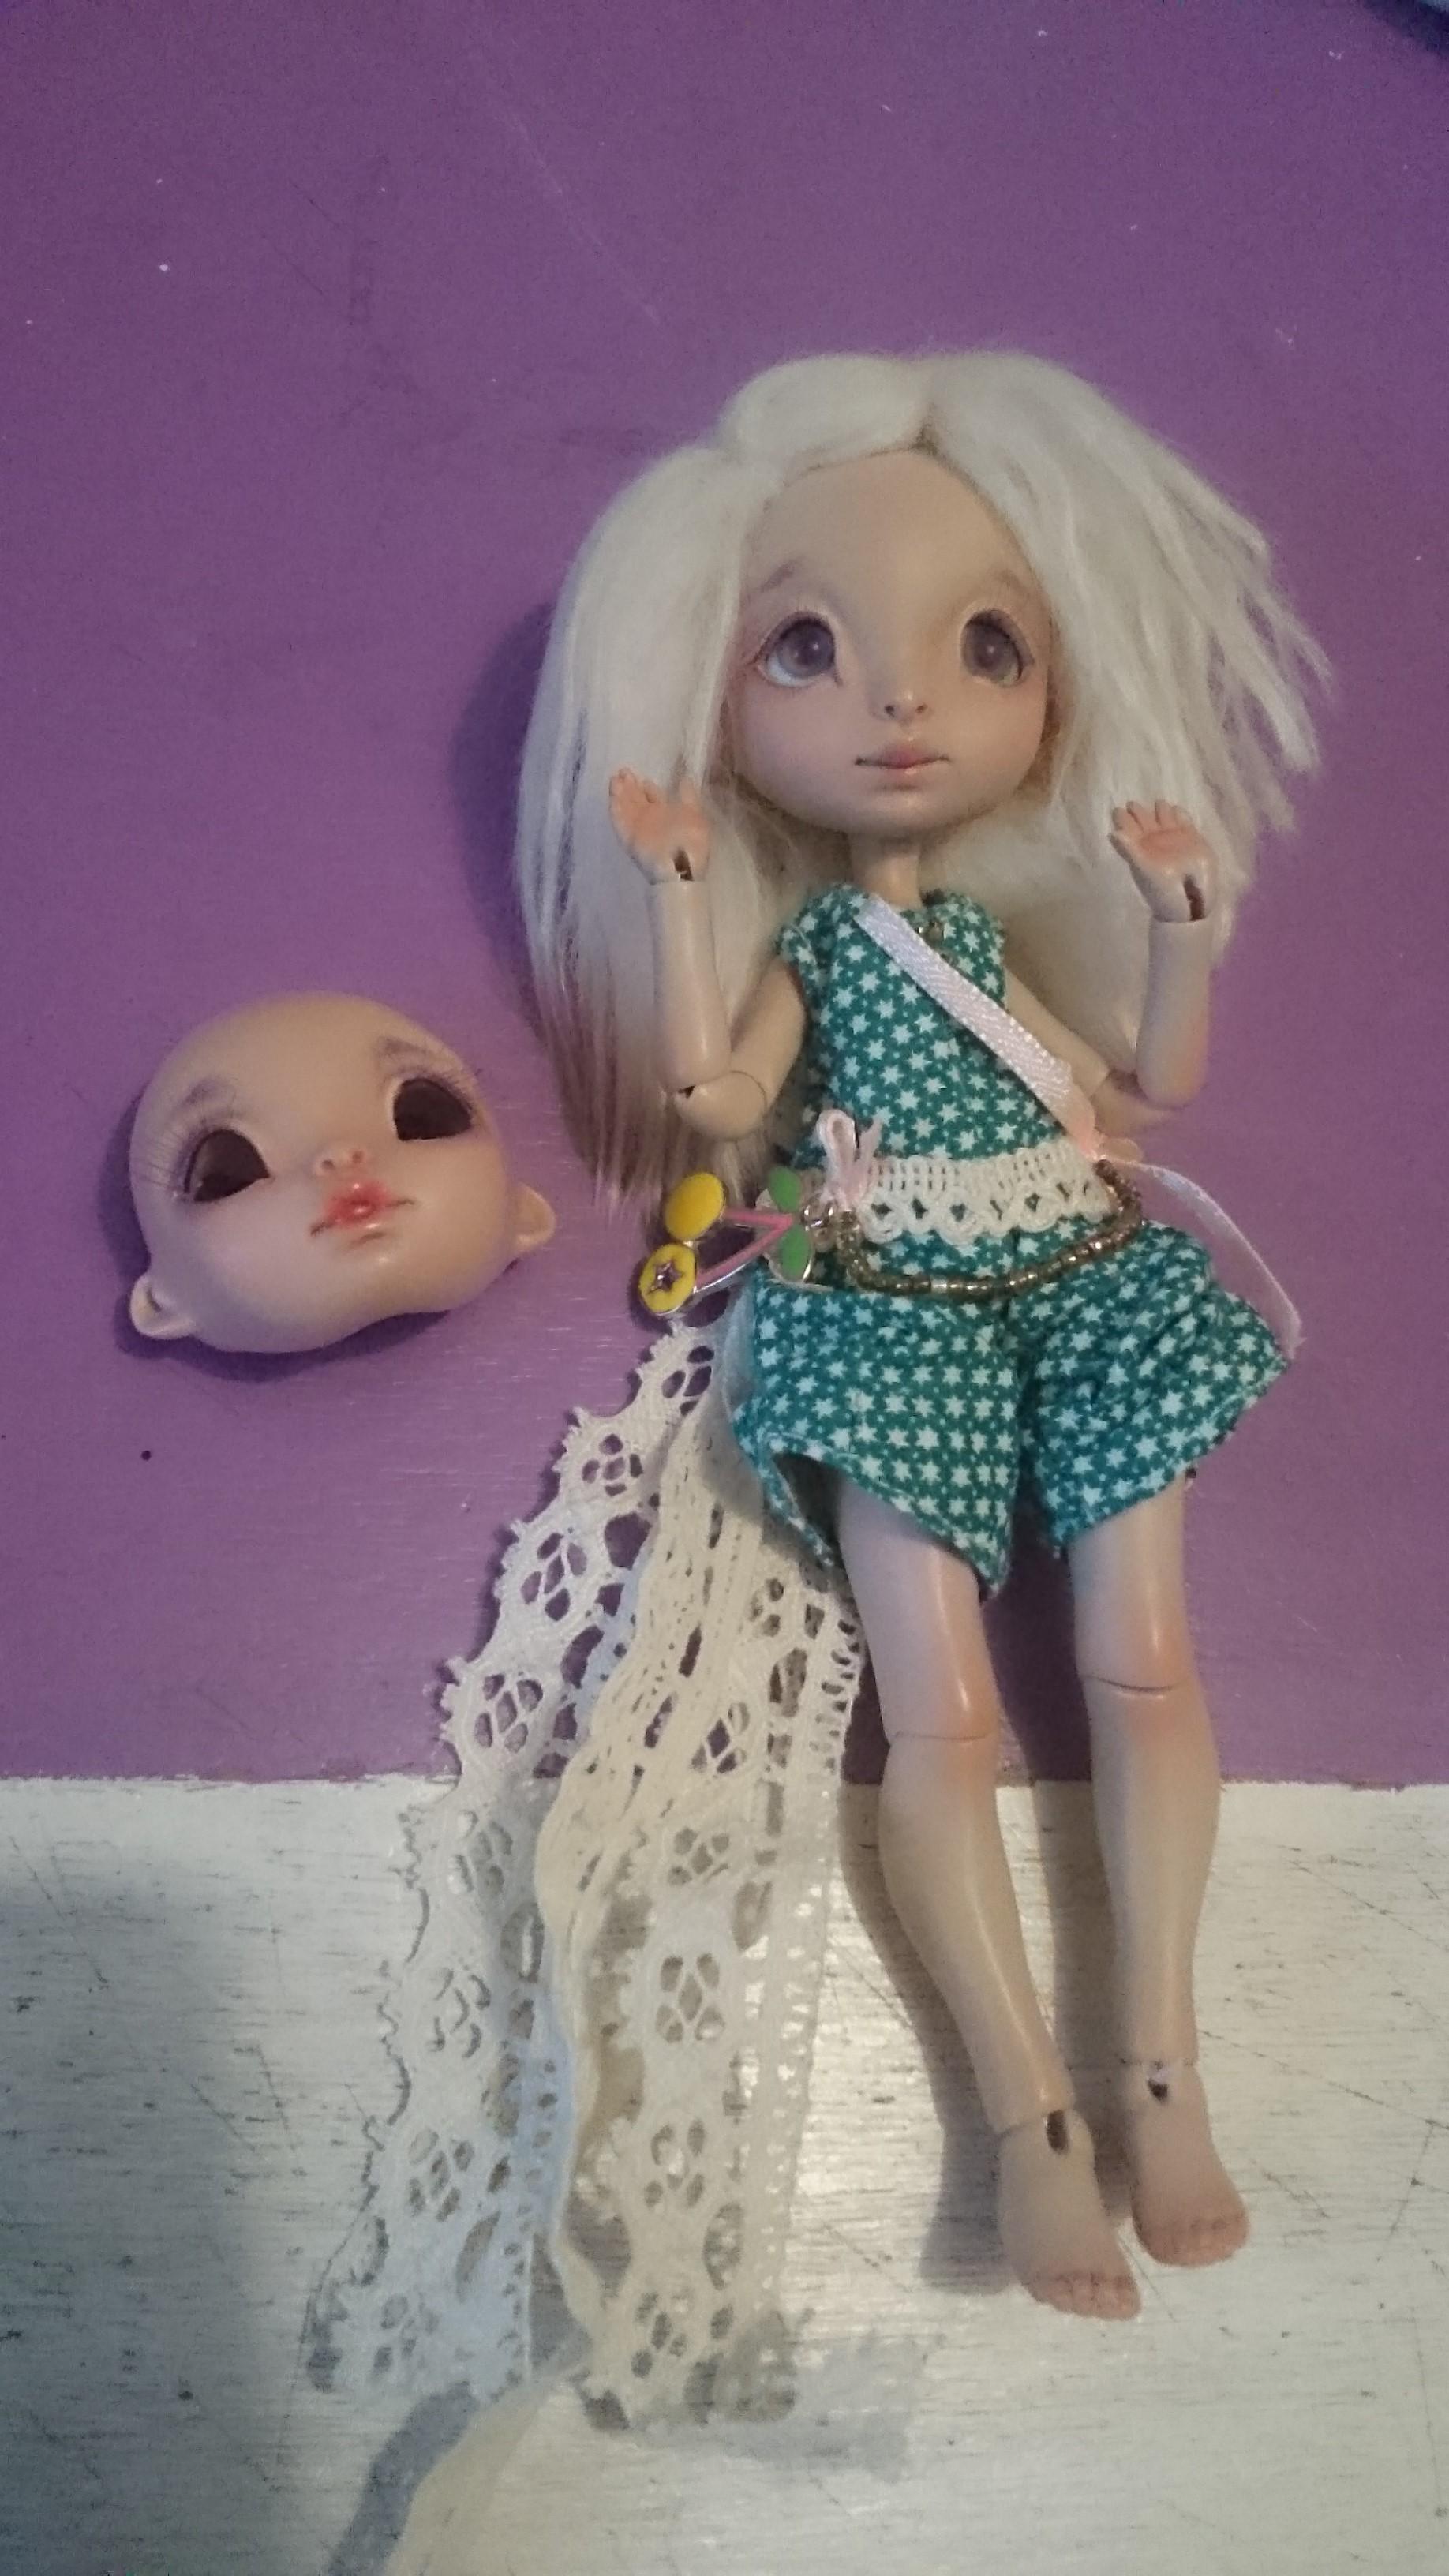 [VENDS] Lillycat, Dust of Dolls - urgent - Baisse de prix! DSC_0786